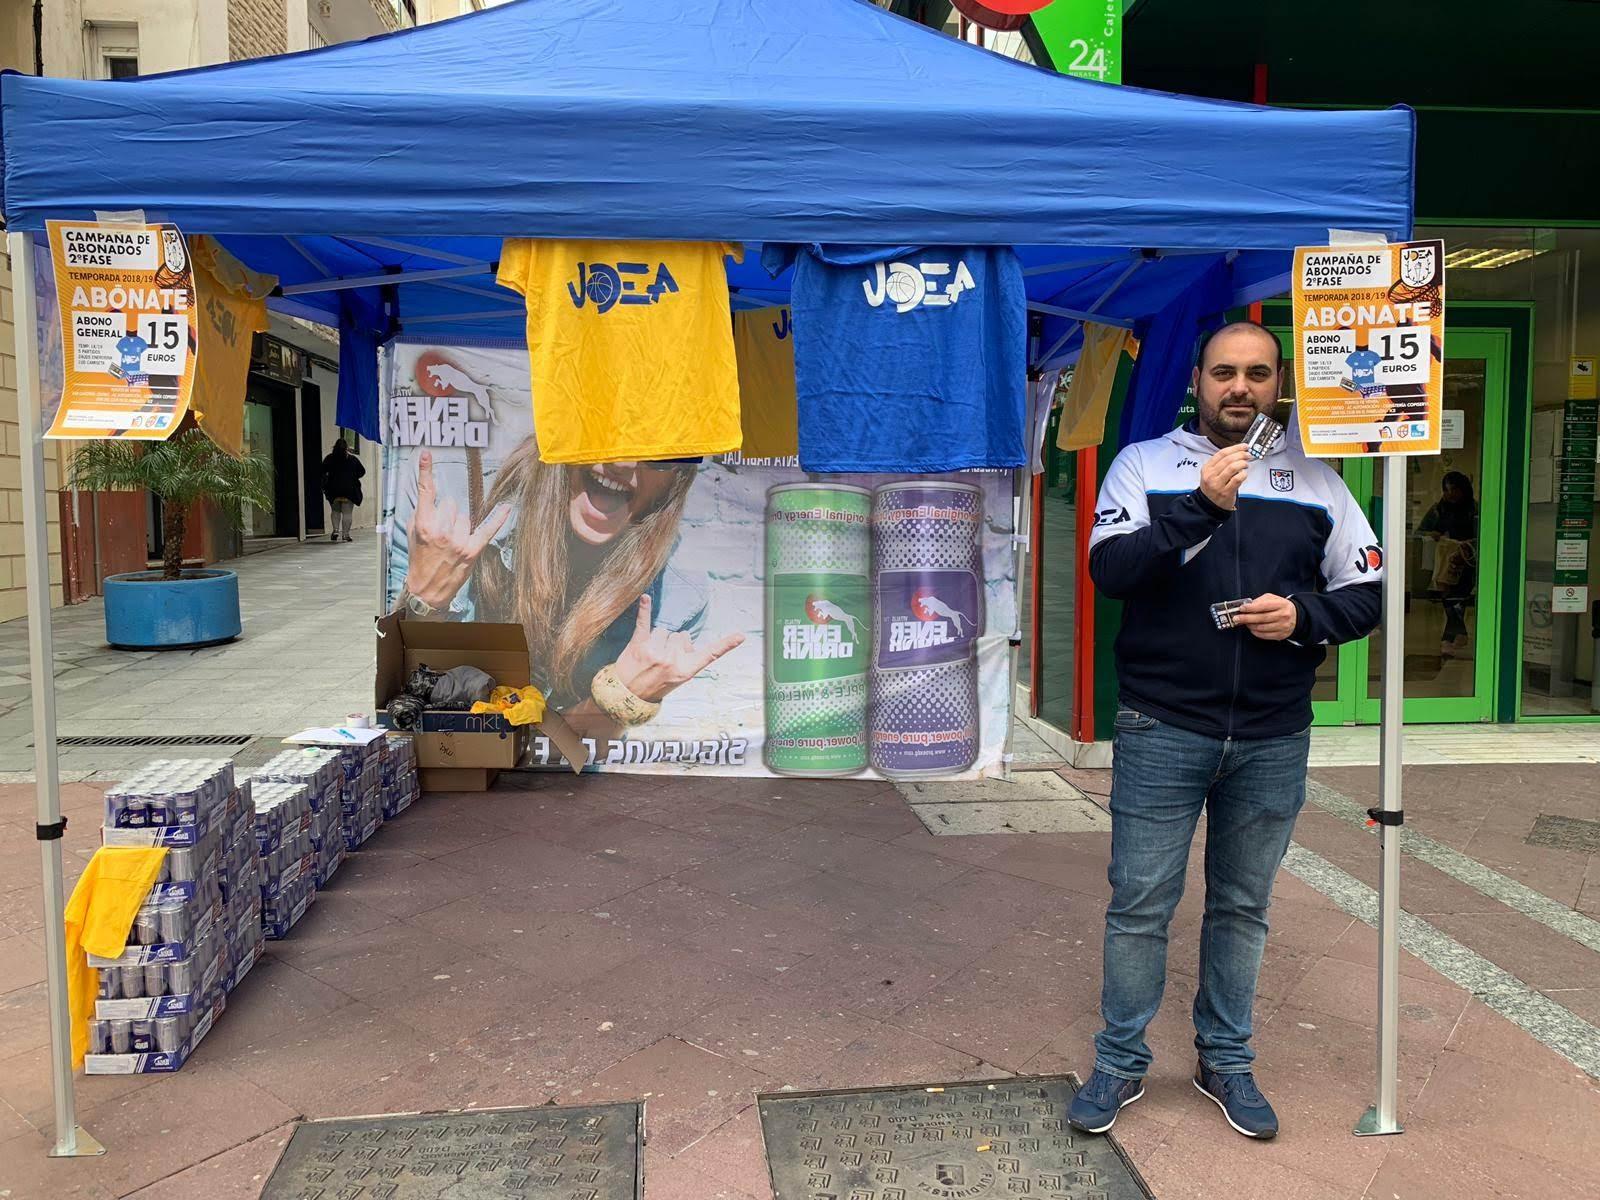 Campaña de socios de UDEA, hoy viernes en la Calle Ancha